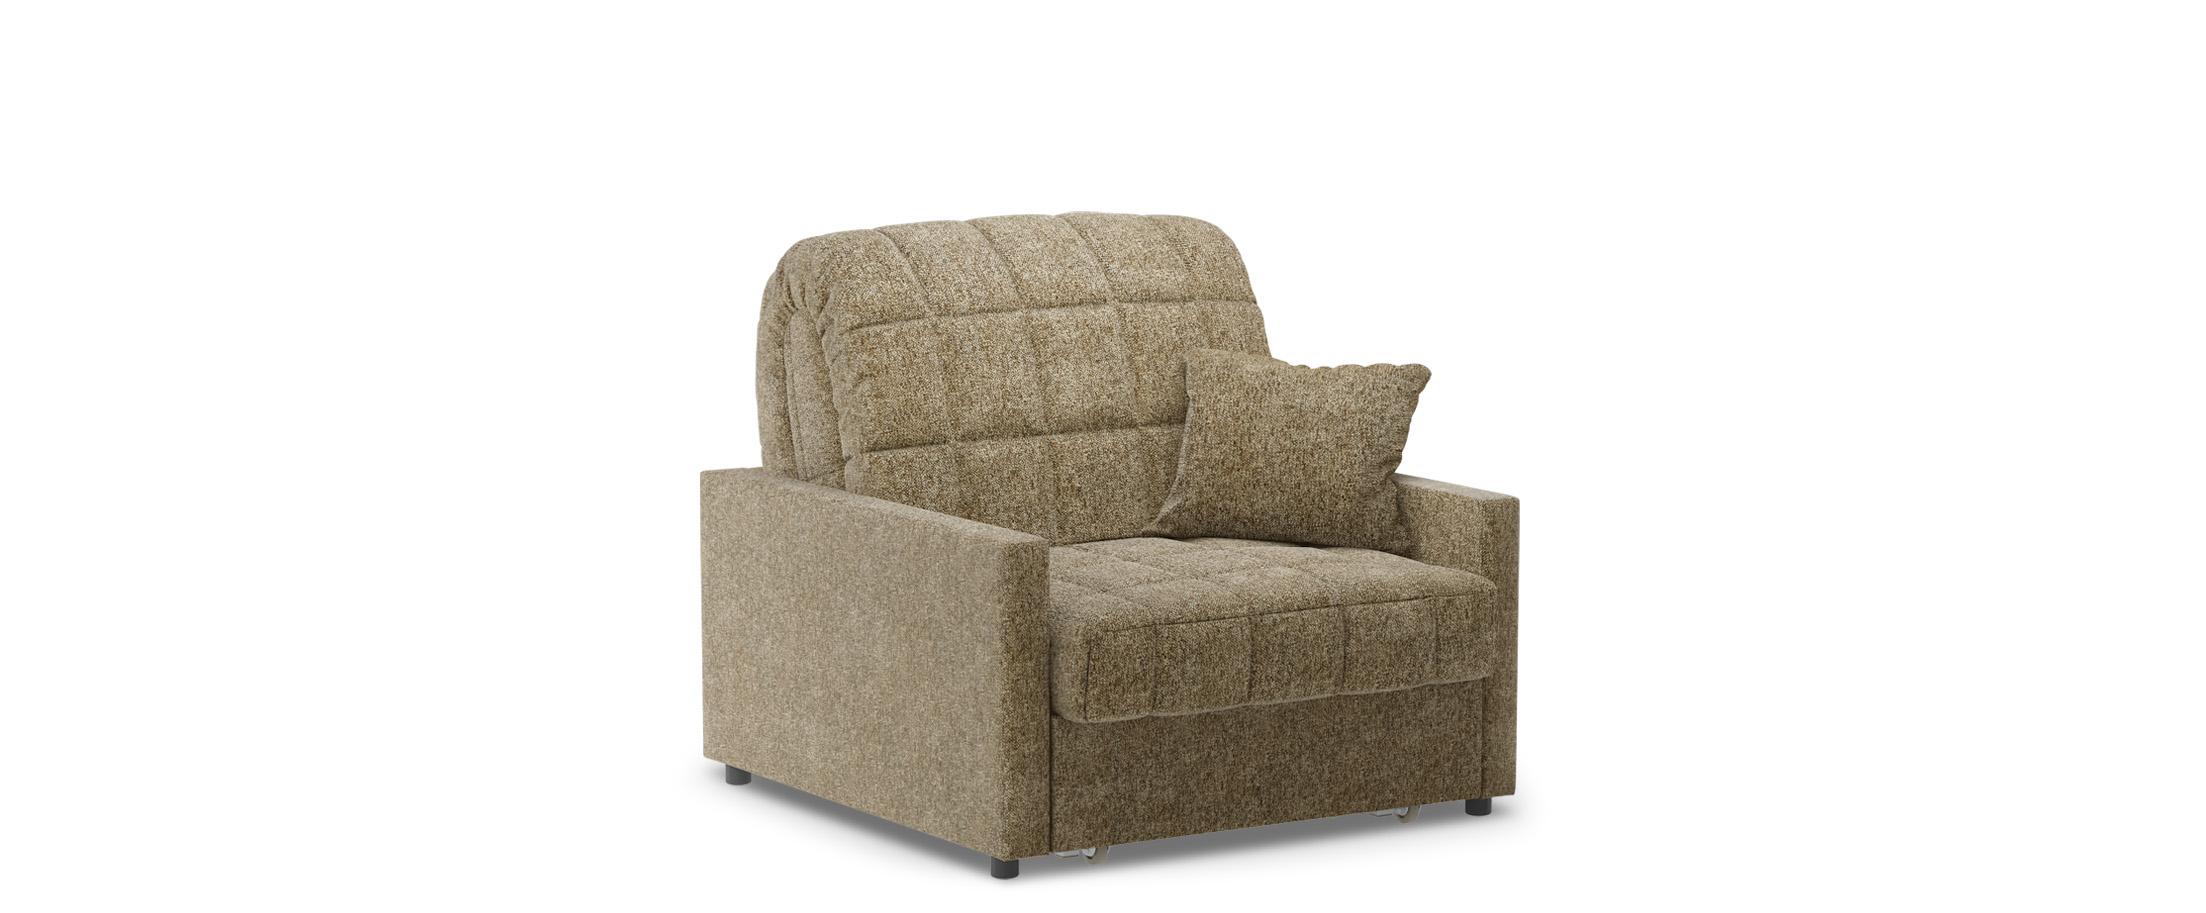 Кресло-кровать Дублин 134Купить бежевое кресло-кровать Дублин 134. Доставка от 1 дня. Подъём, сборка, вынос упаковки. Гарантия 18 месяцев. Интернет-магазин мебели MOON-TRADE.RU